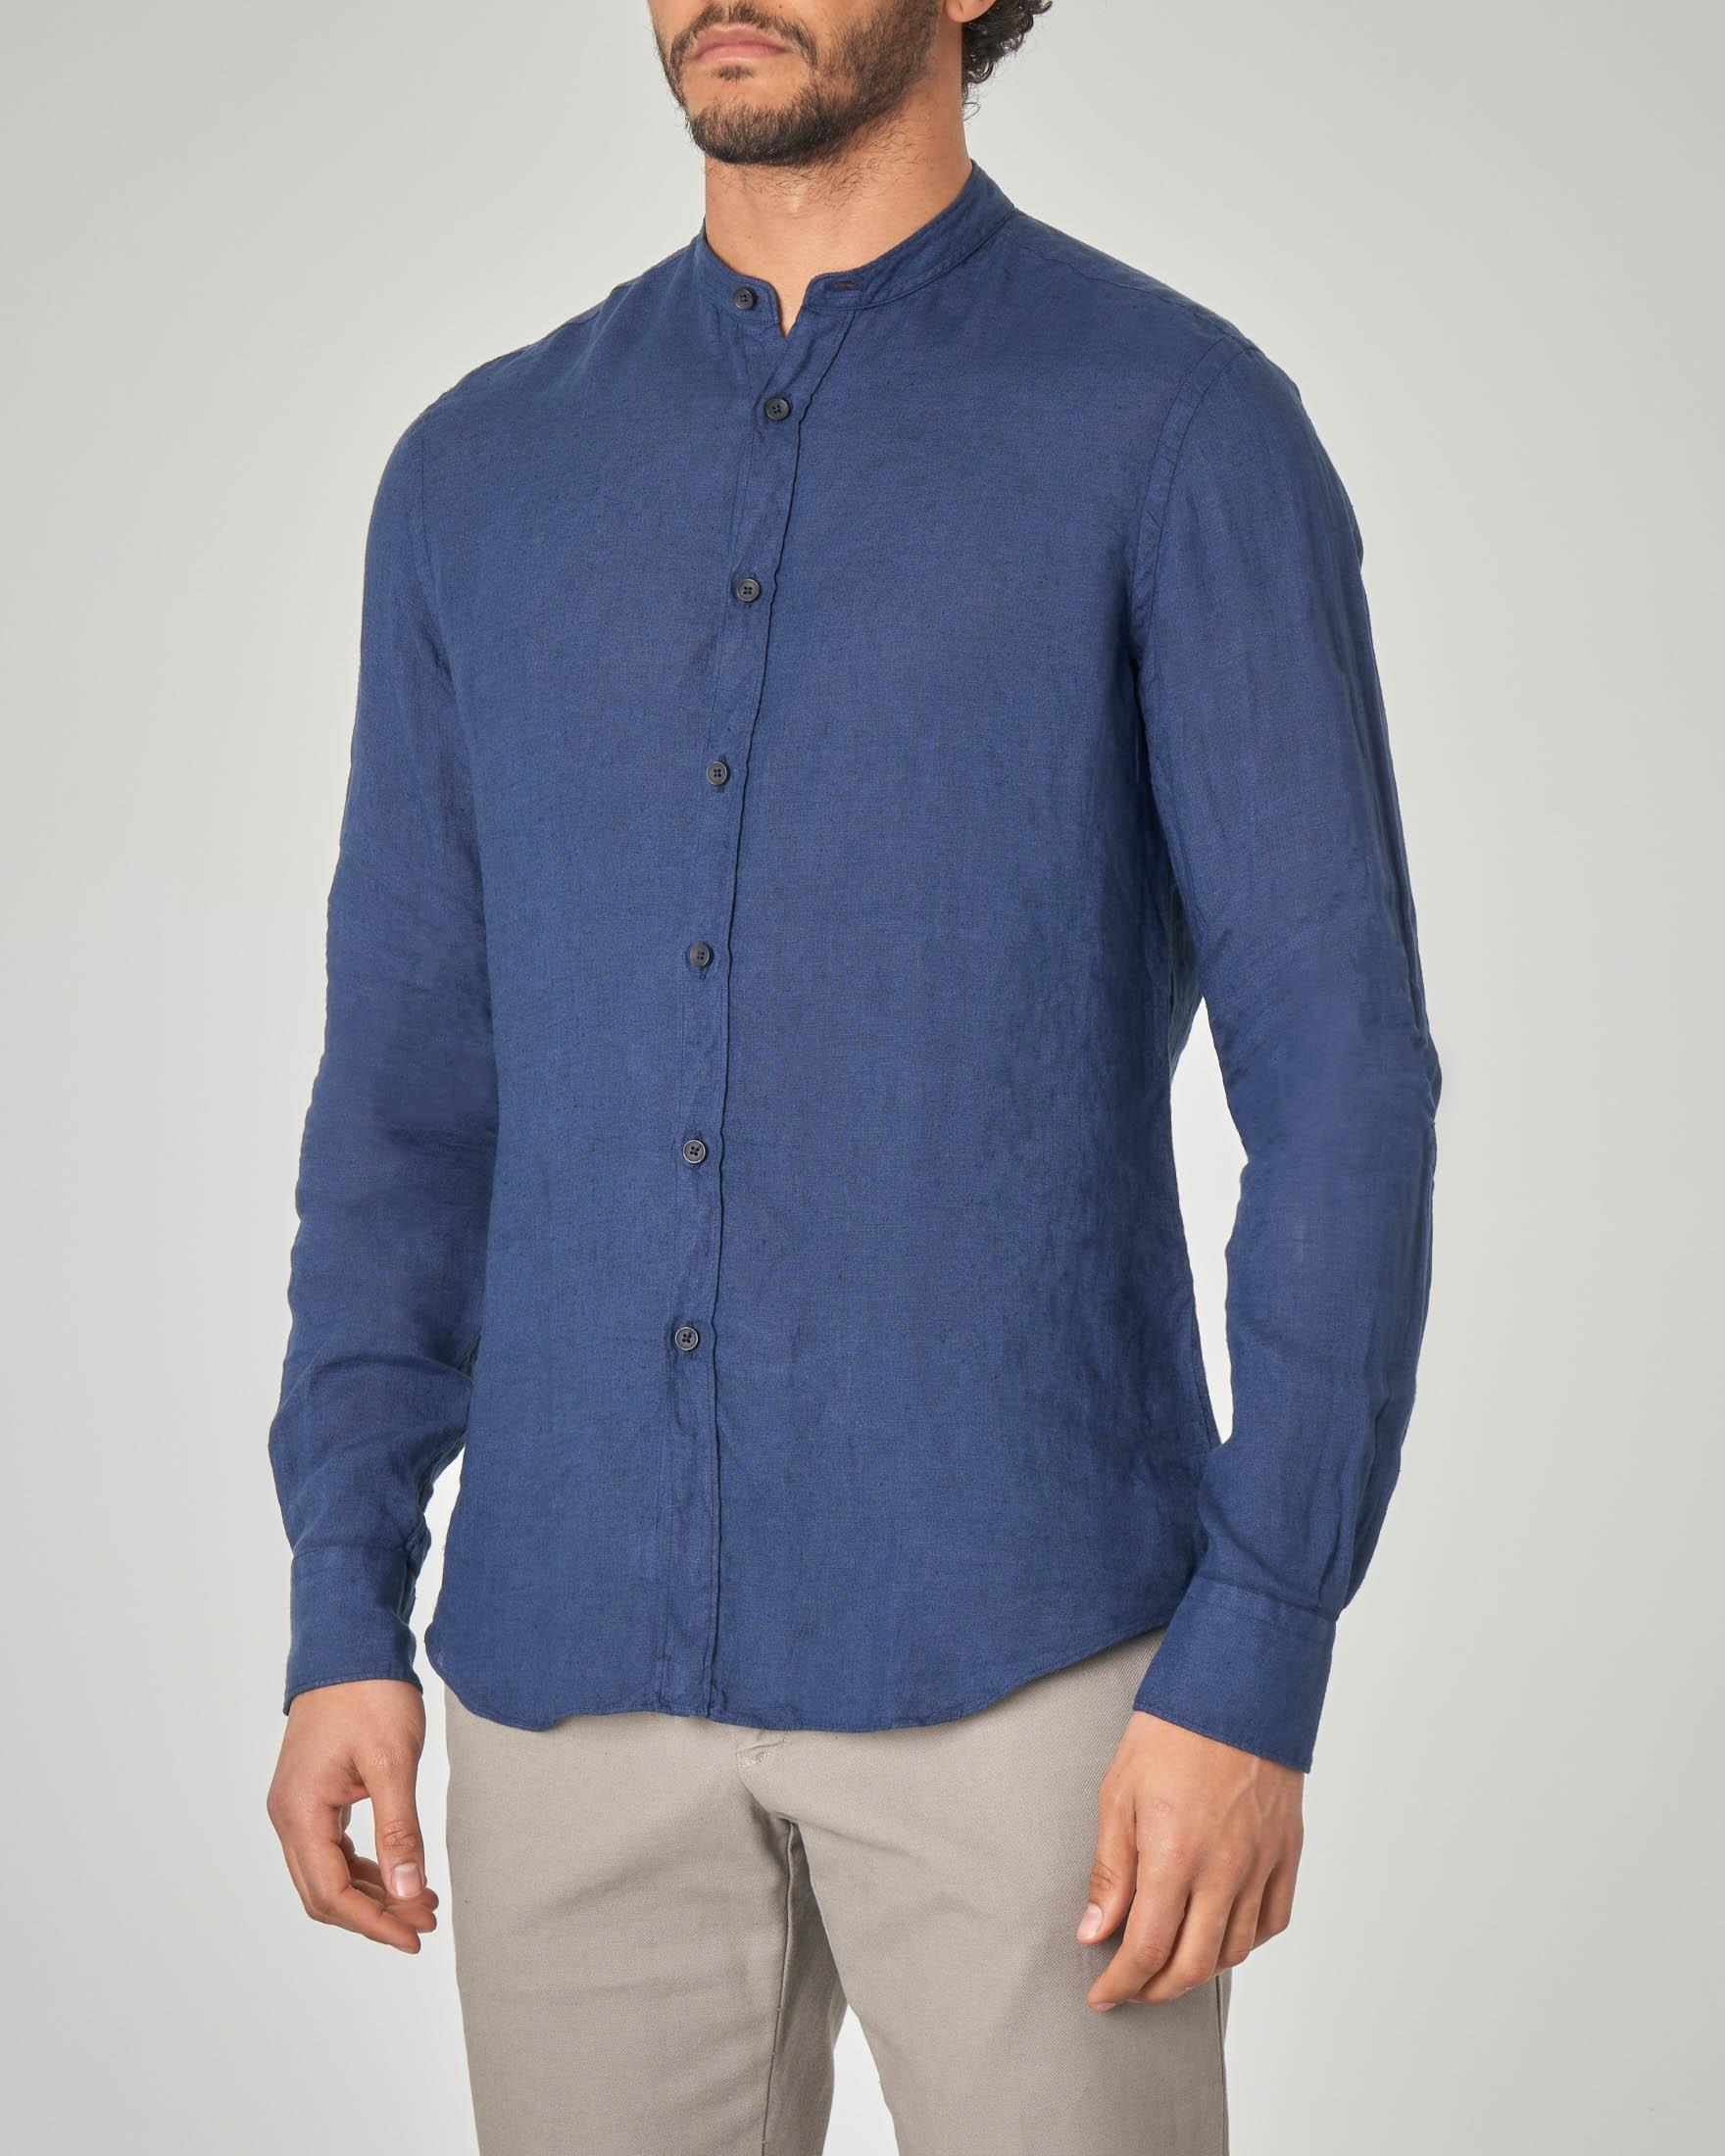 comprare on line 85b23 15b06 Camicia blu coreana in lino